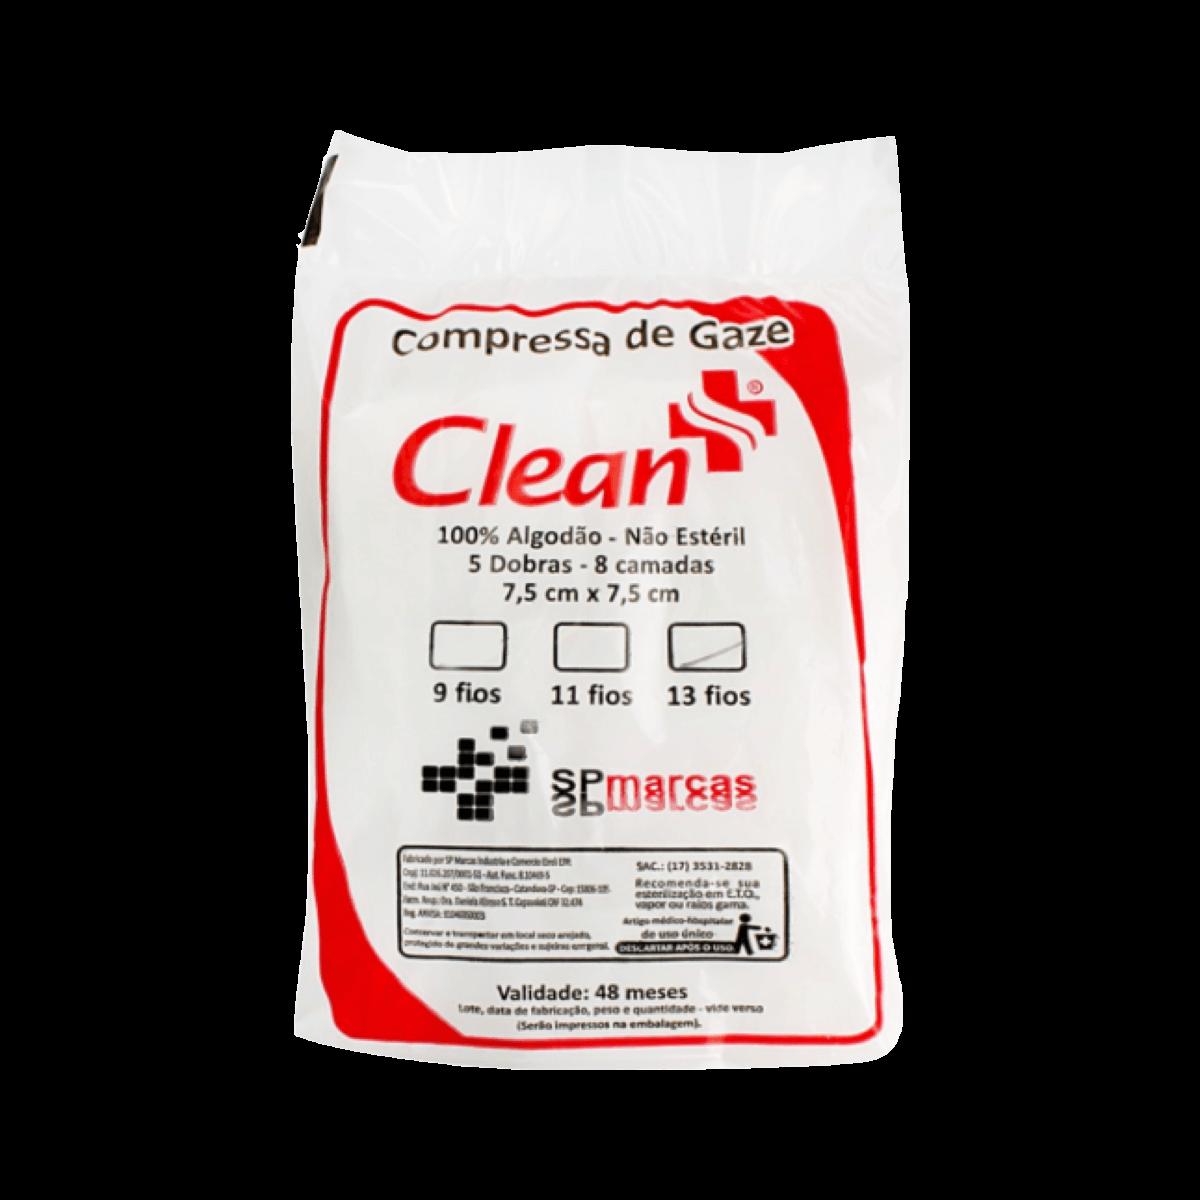 Compressa de Gaze 13 fios 180g Pct 200un Clean Farma Kit 6 Pcts